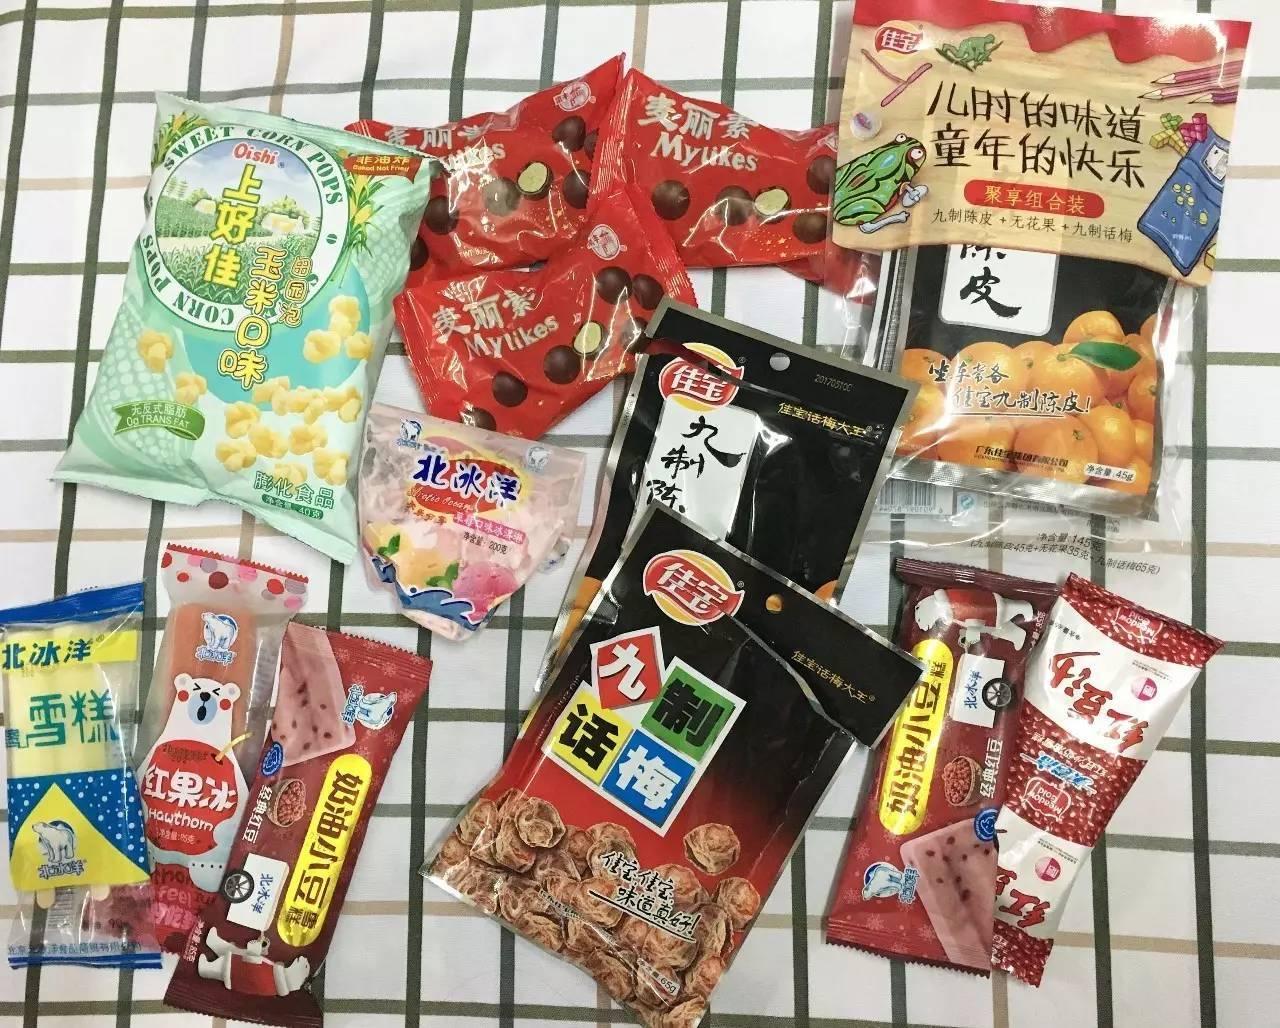 回归的袋儿淋,200块的零食礼包,8090的童年回忆图片